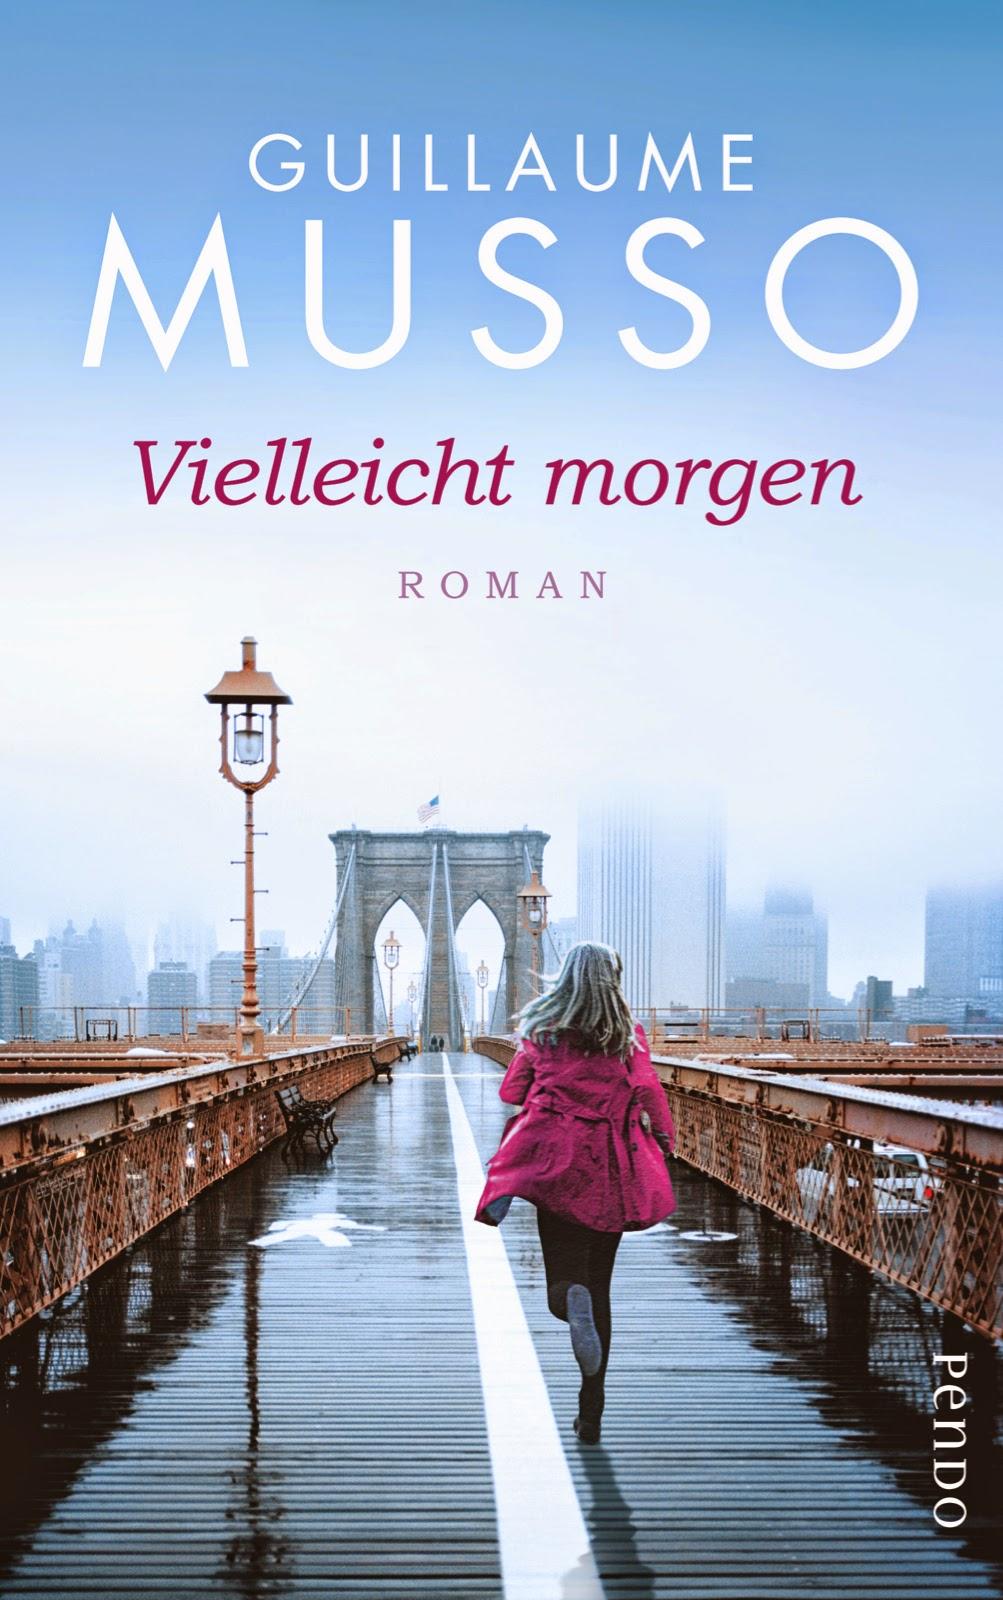 http://www.amazon.de/Vielleicht-morgen-Roman-Guillaume-Musso/dp/3866123760/ref=sr_1_1?ie=UTF8&qid=1409401831&sr=8-1&keywords=vielleicht+morgen